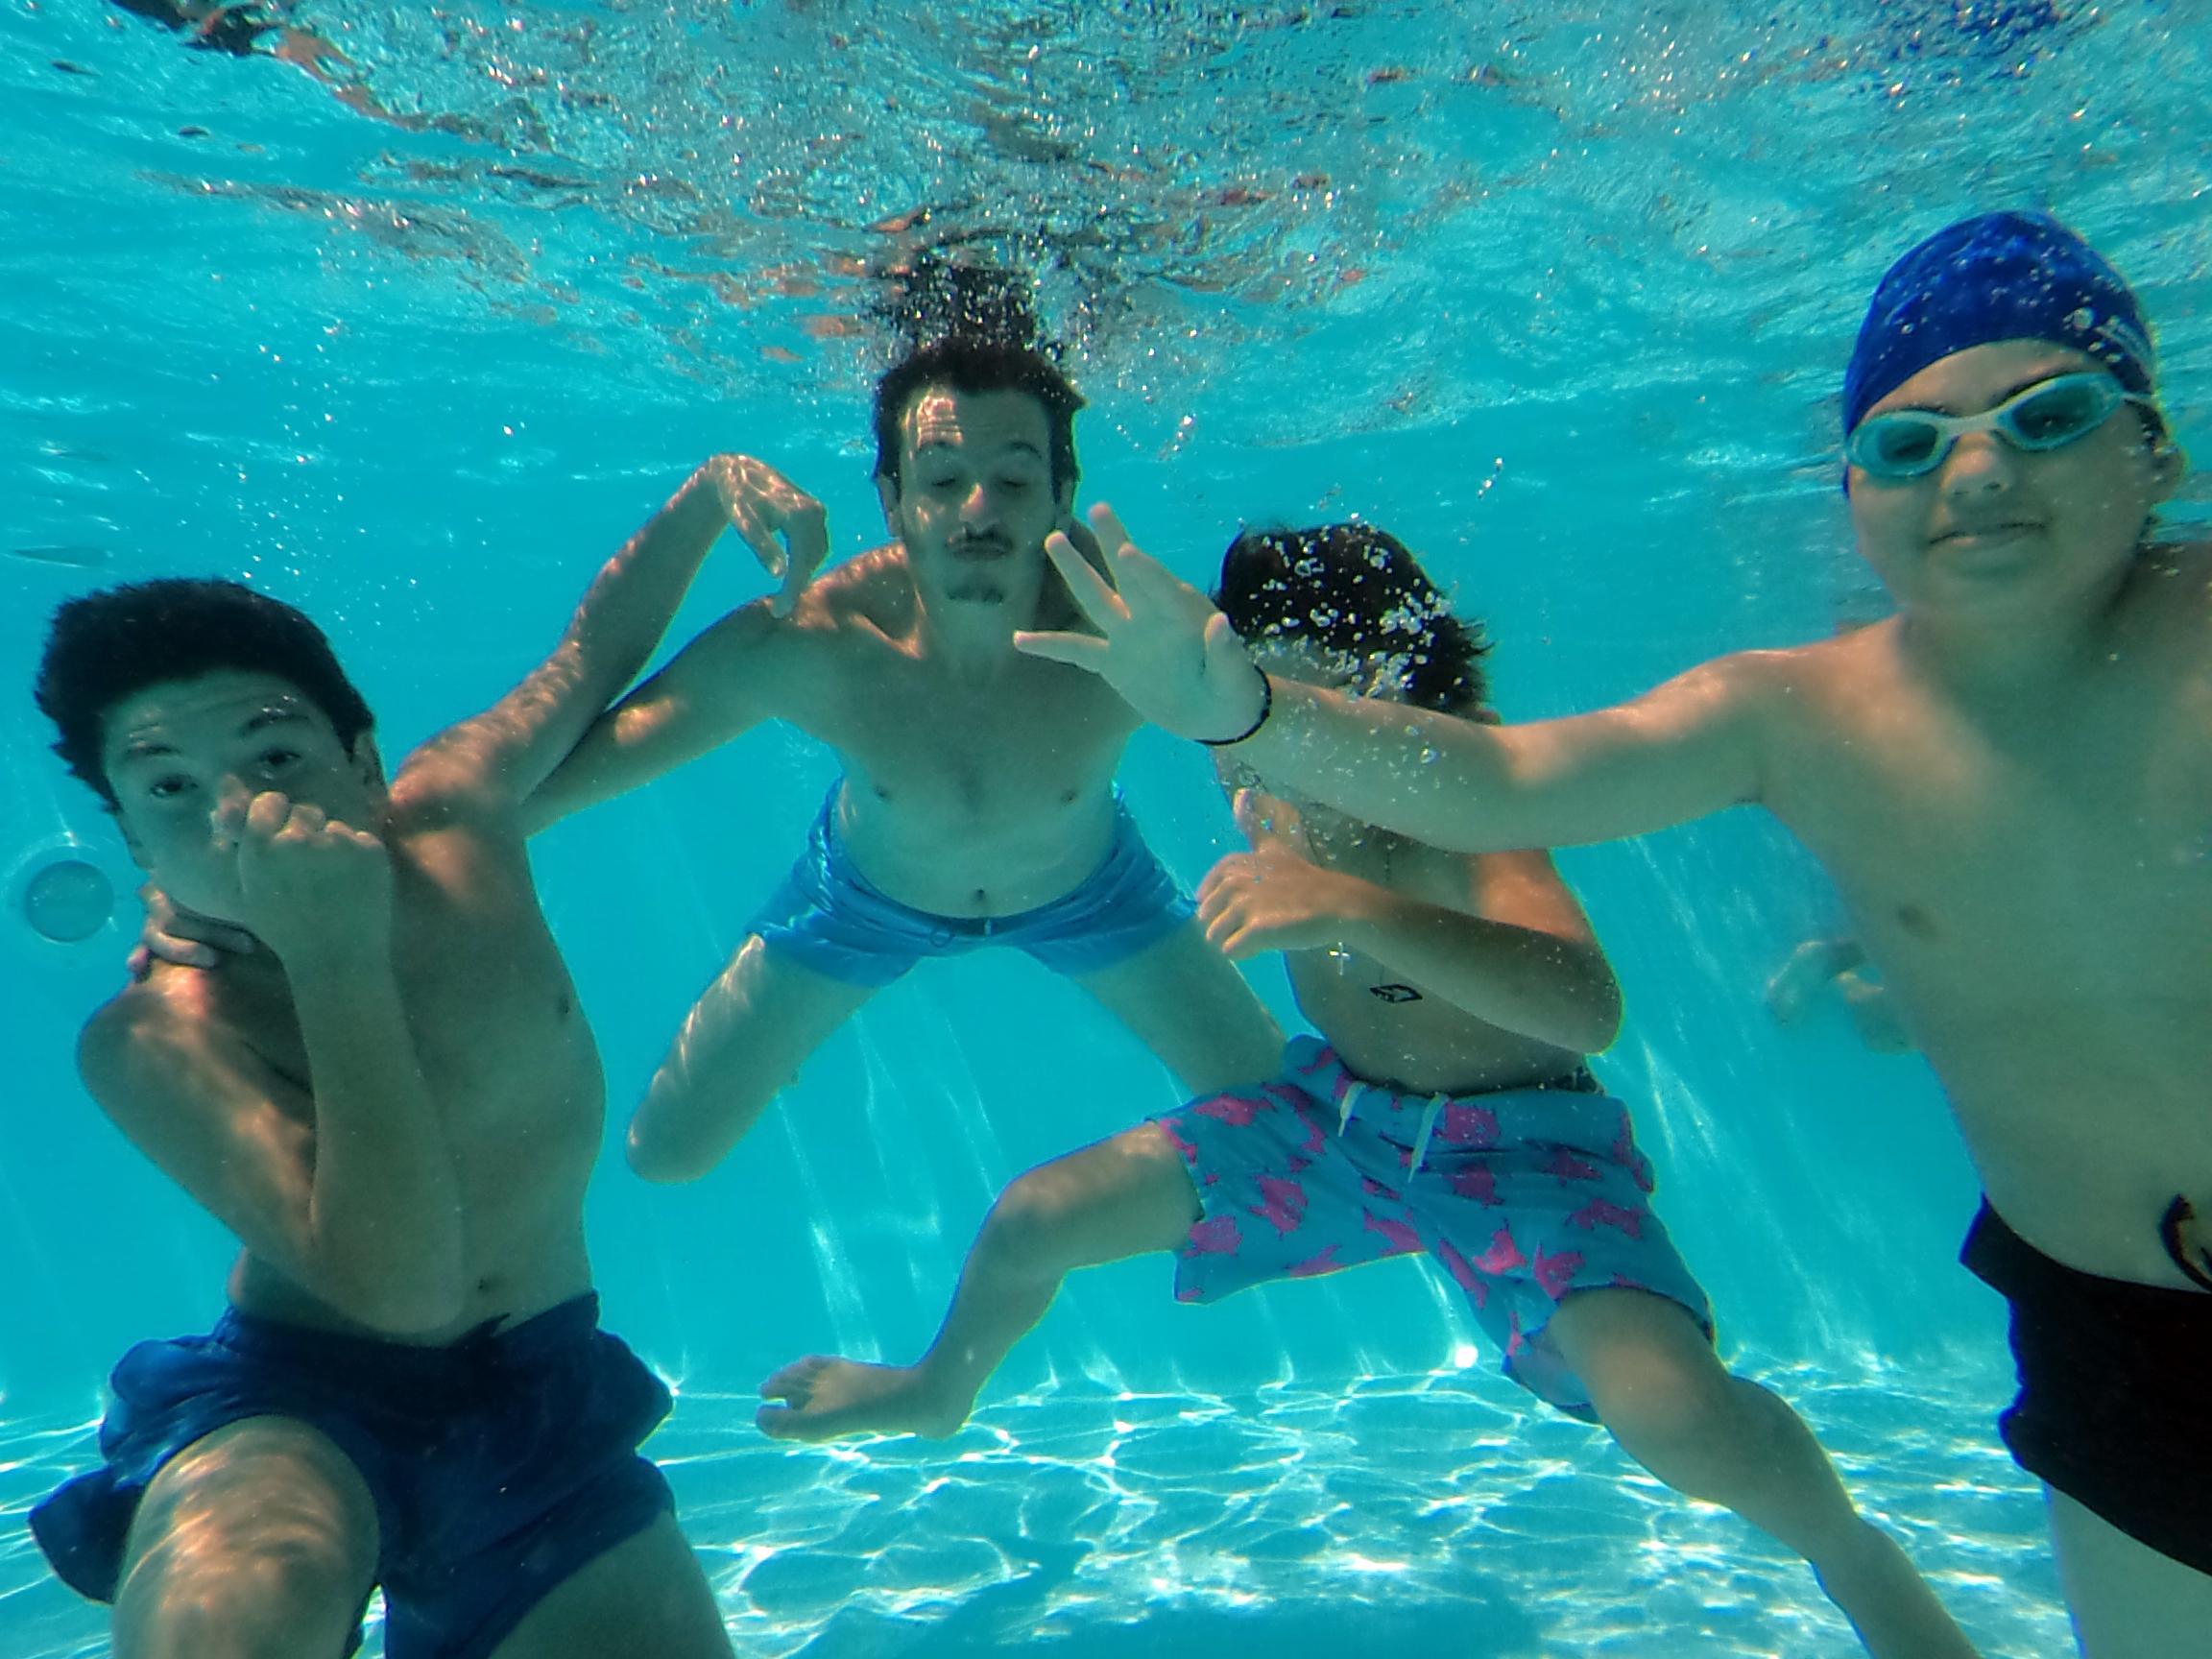 Underwater004